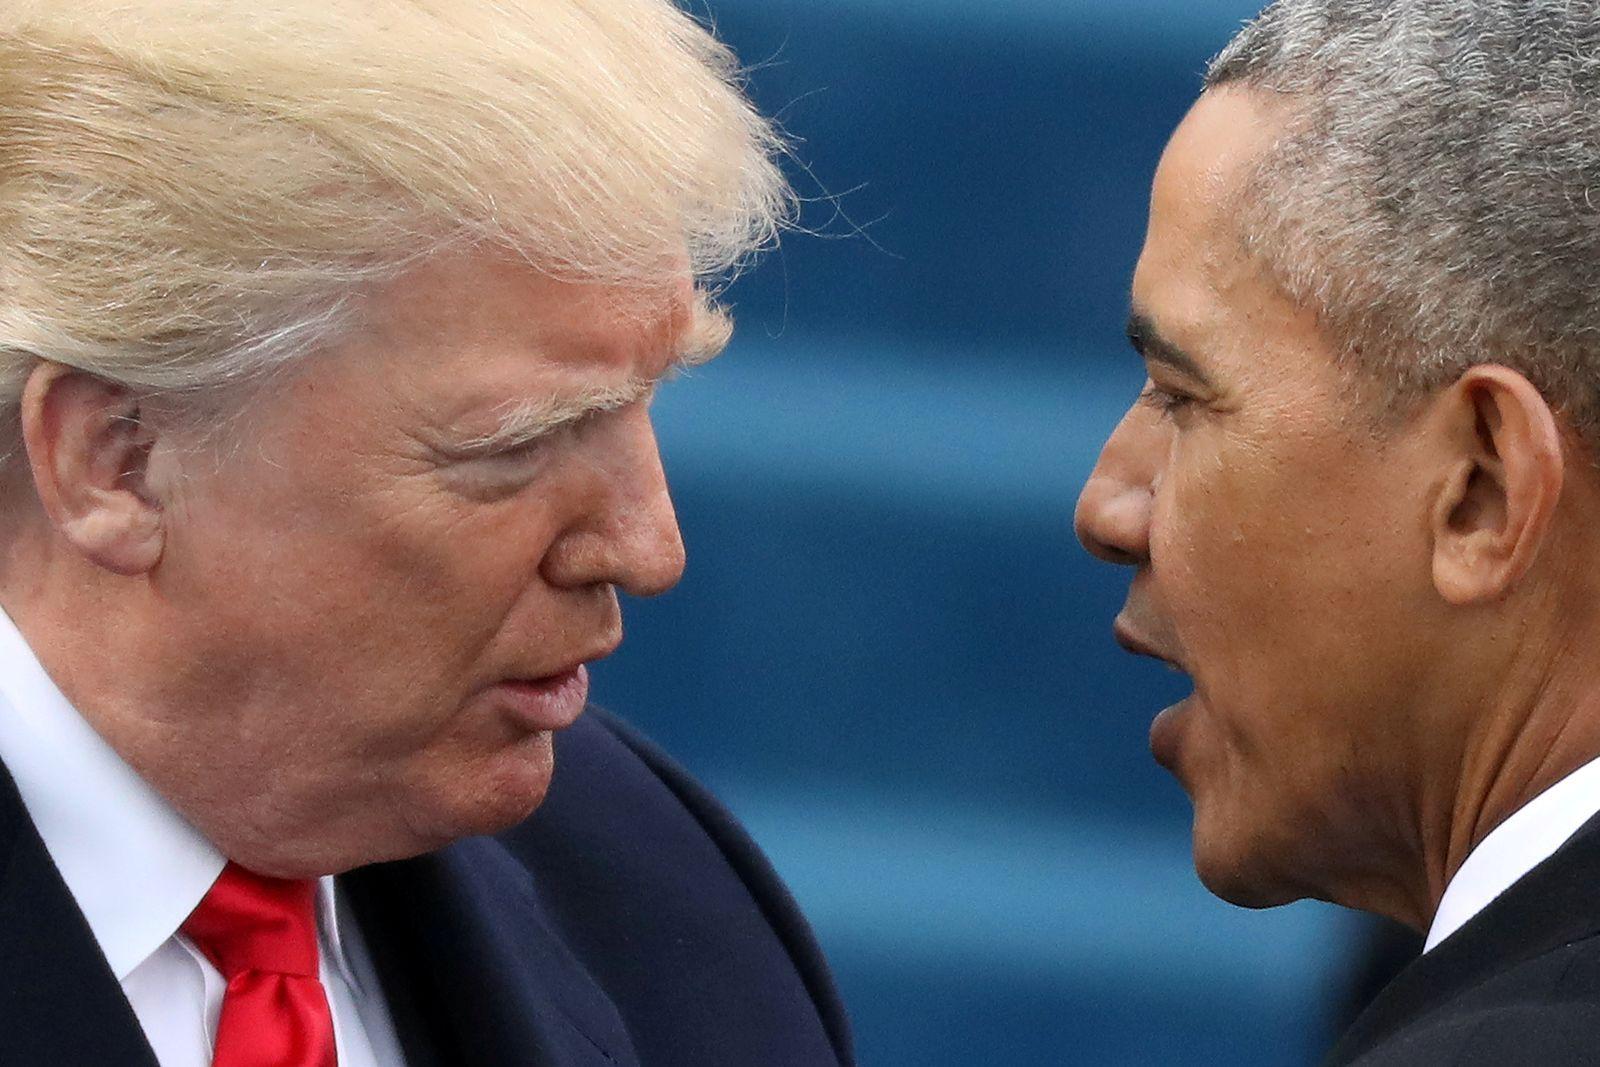 USA-TRUMP/OBAMA